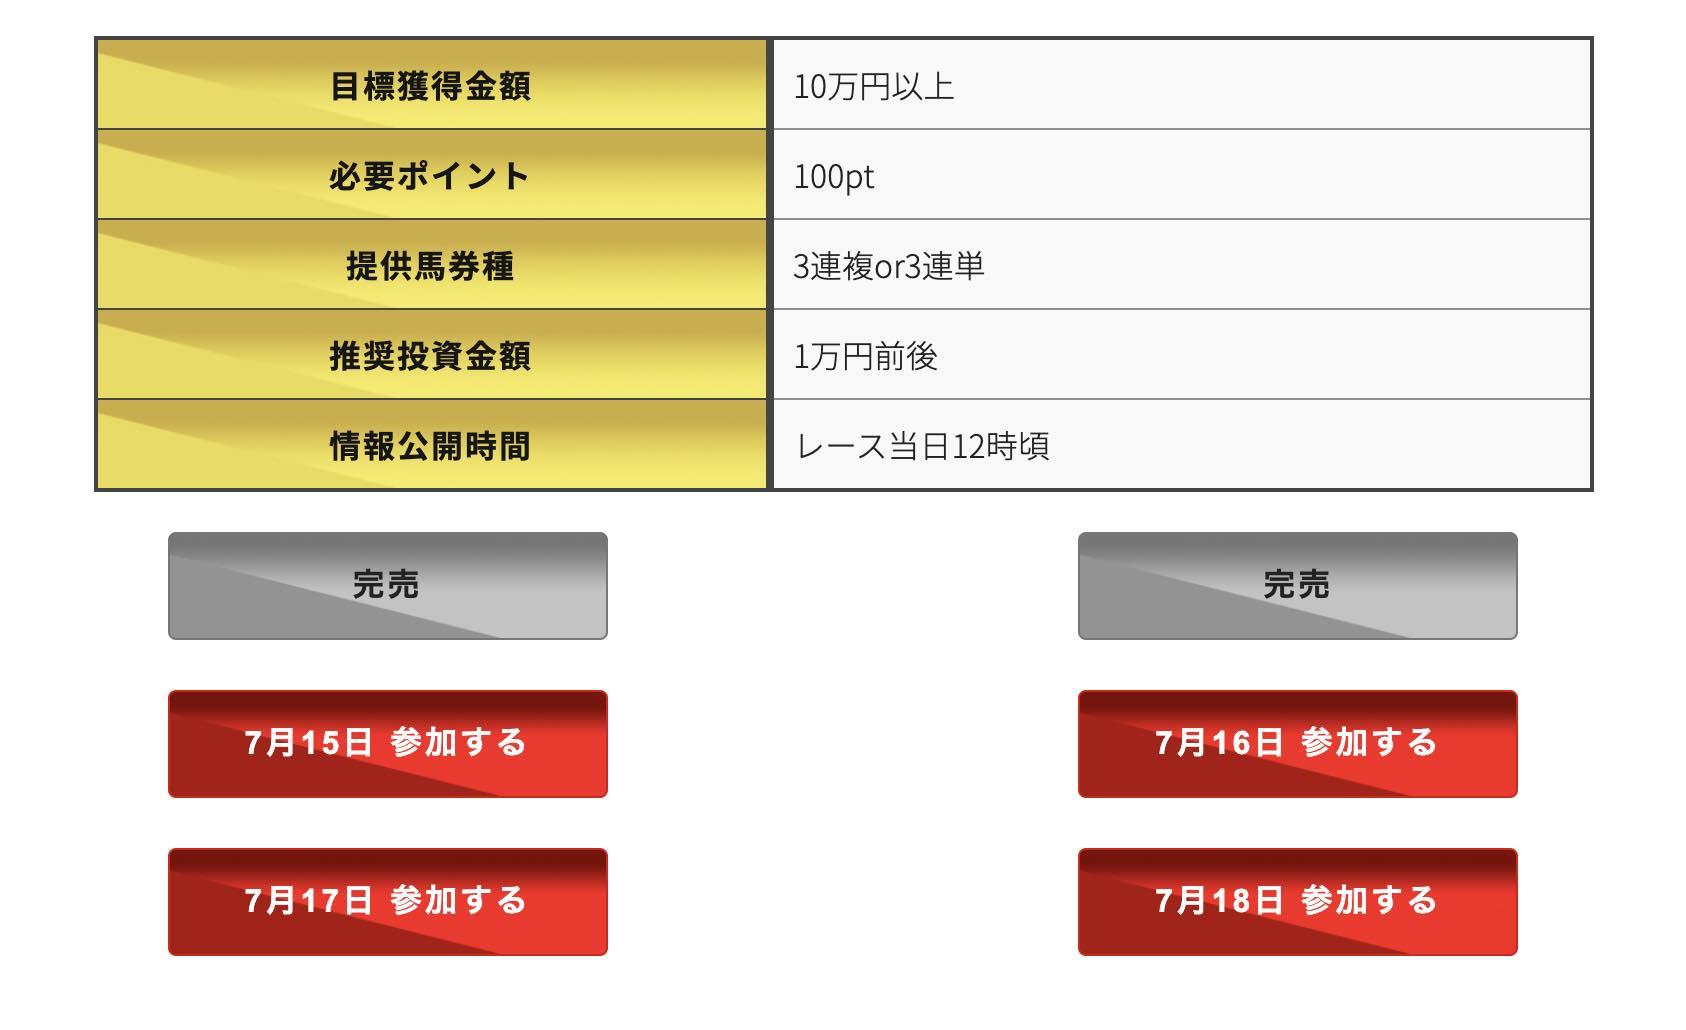 ダービーレコードという競馬予想サイトの有料情報(有料予想)